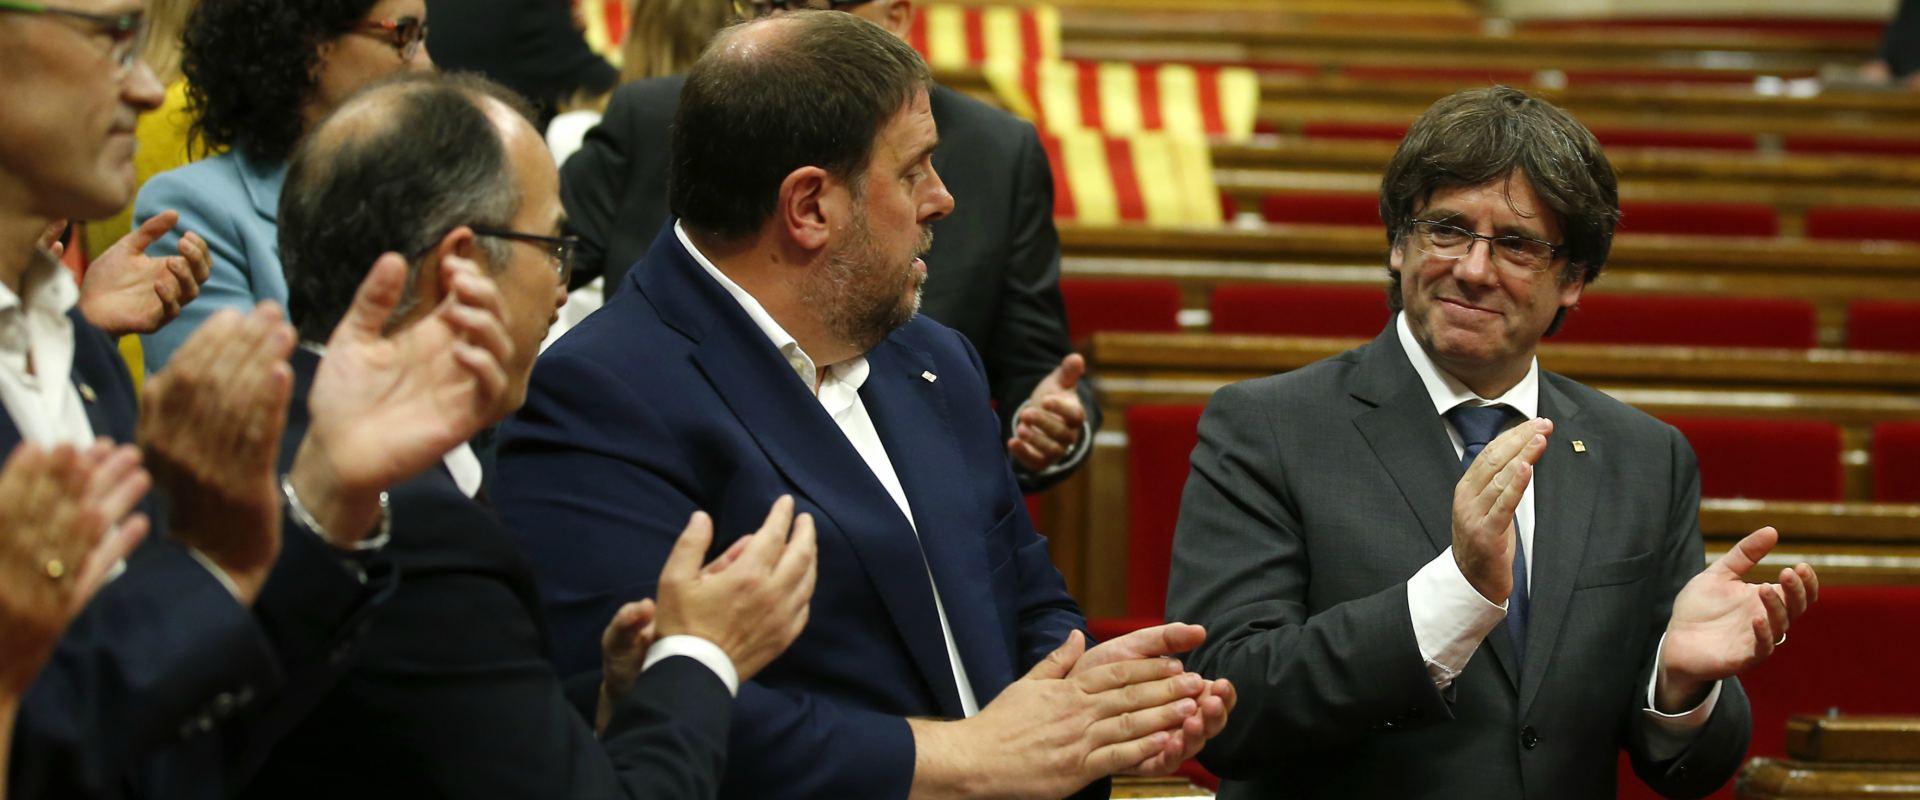 מנהיג קטלוניה עם חברי הפרלמנט המקומי